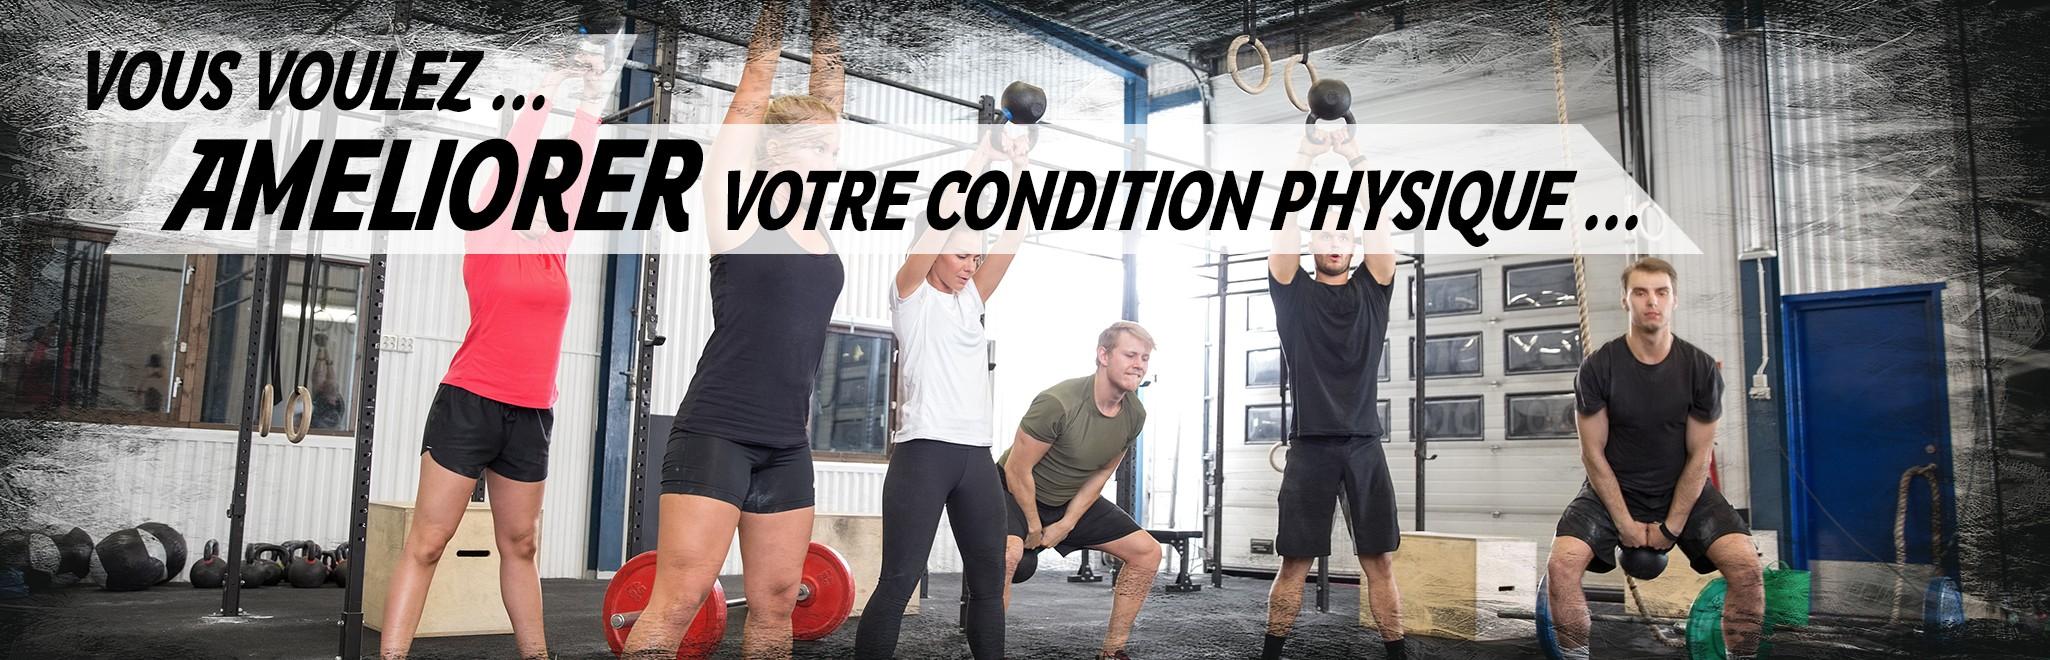 Vous voulez améliorer votre condition physique